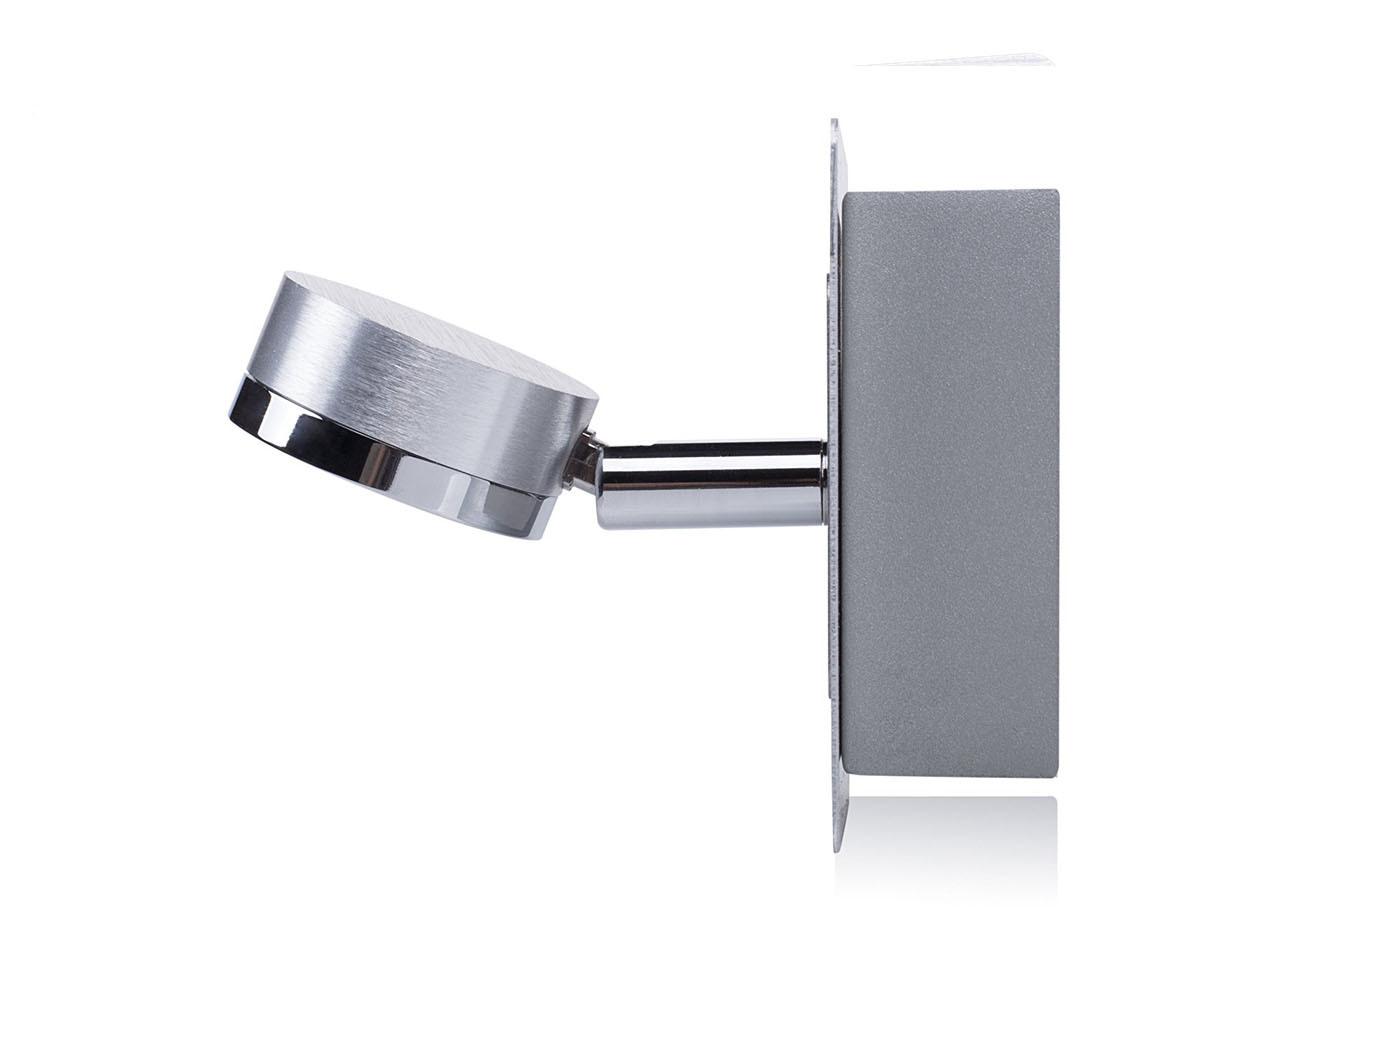 led lampe f rs bad wandleuchte spiegelleuchte schwenkbar wandspot edelstahl ebay. Black Bedroom Furniture Sets. Home Design Ideas